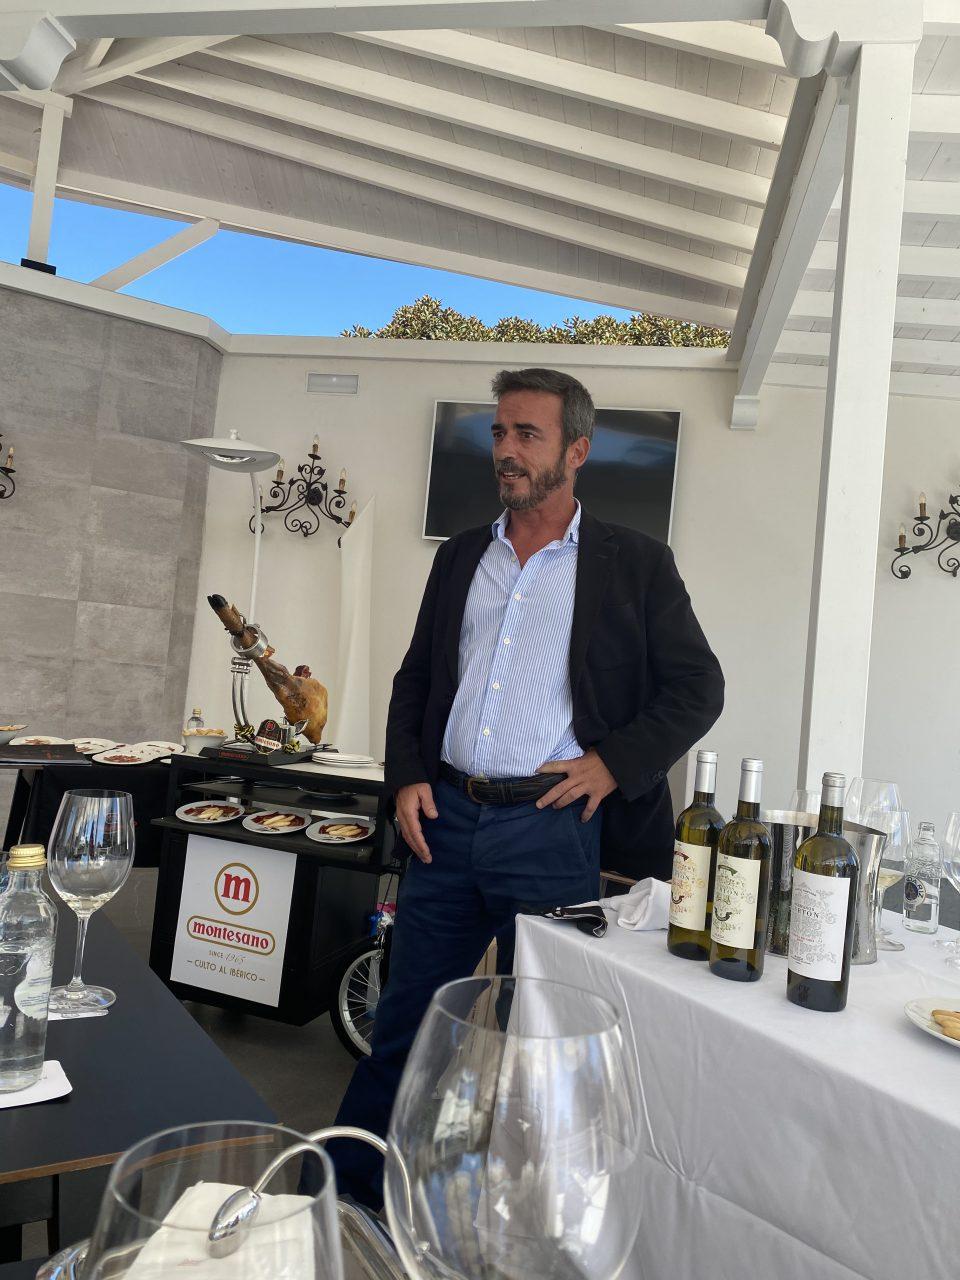 Arriba, Carmen y Jaime García, propietarios del Grupo MONTESANO. Sobre estas líneas, Jaime haciendo su exposición sobre las cualidades de los afamados jamones y productos ibéricos de la firma.